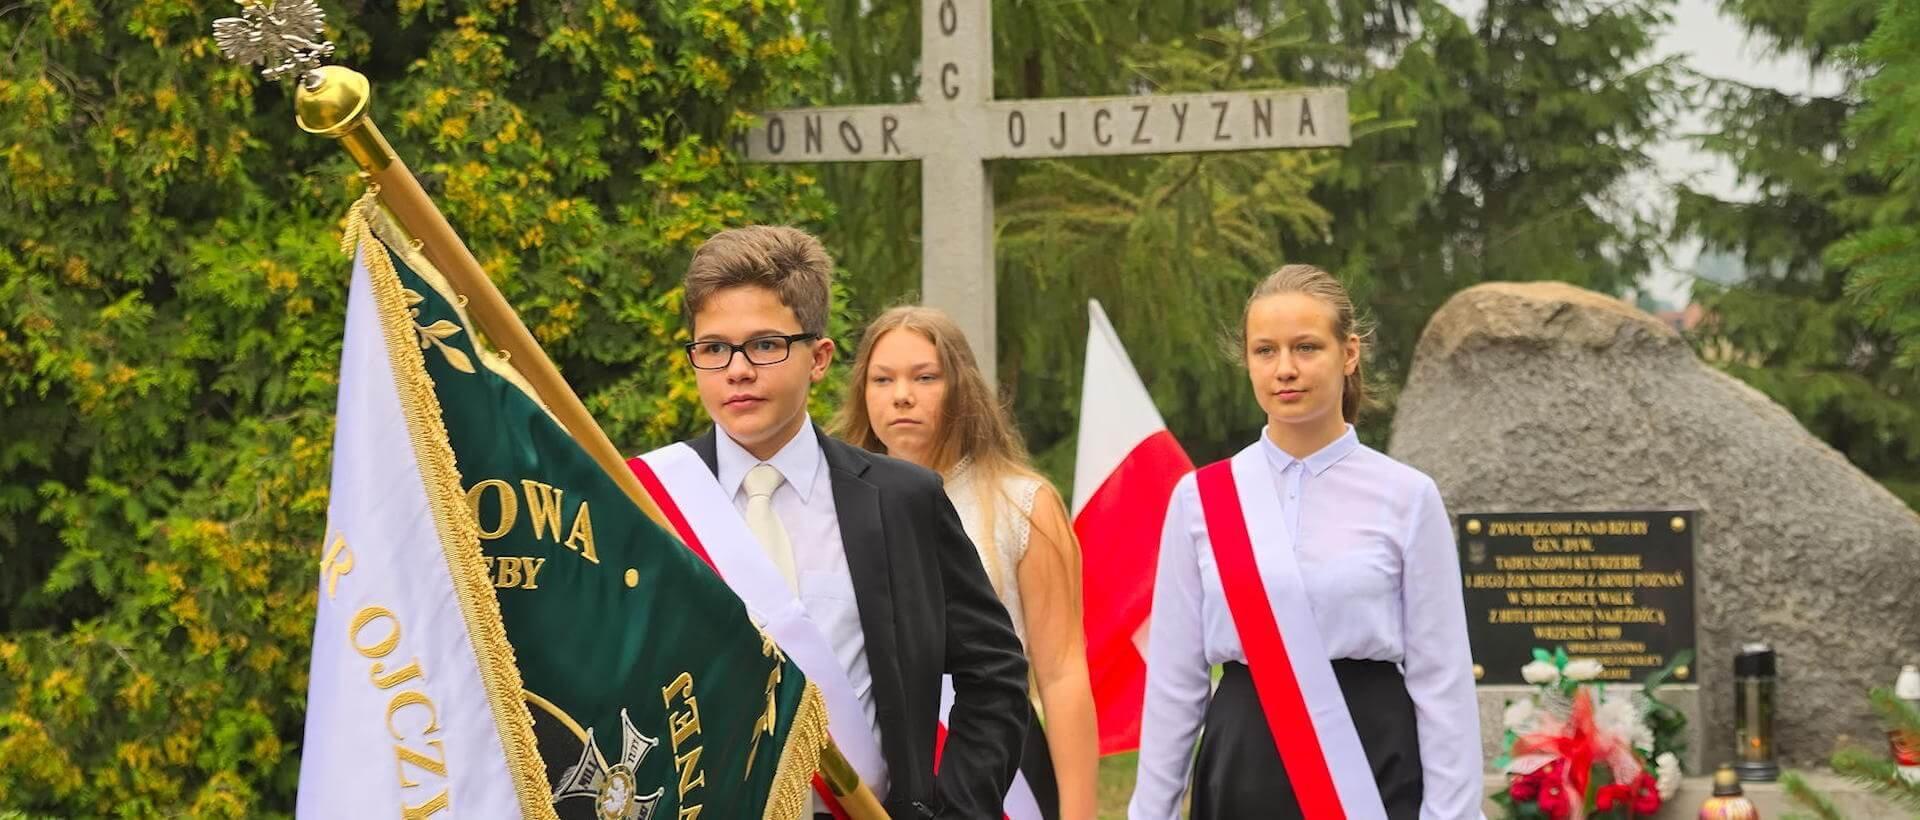 Poczet sztandarowy pod pomnikiem bohaterów bitwy nad Bzurą